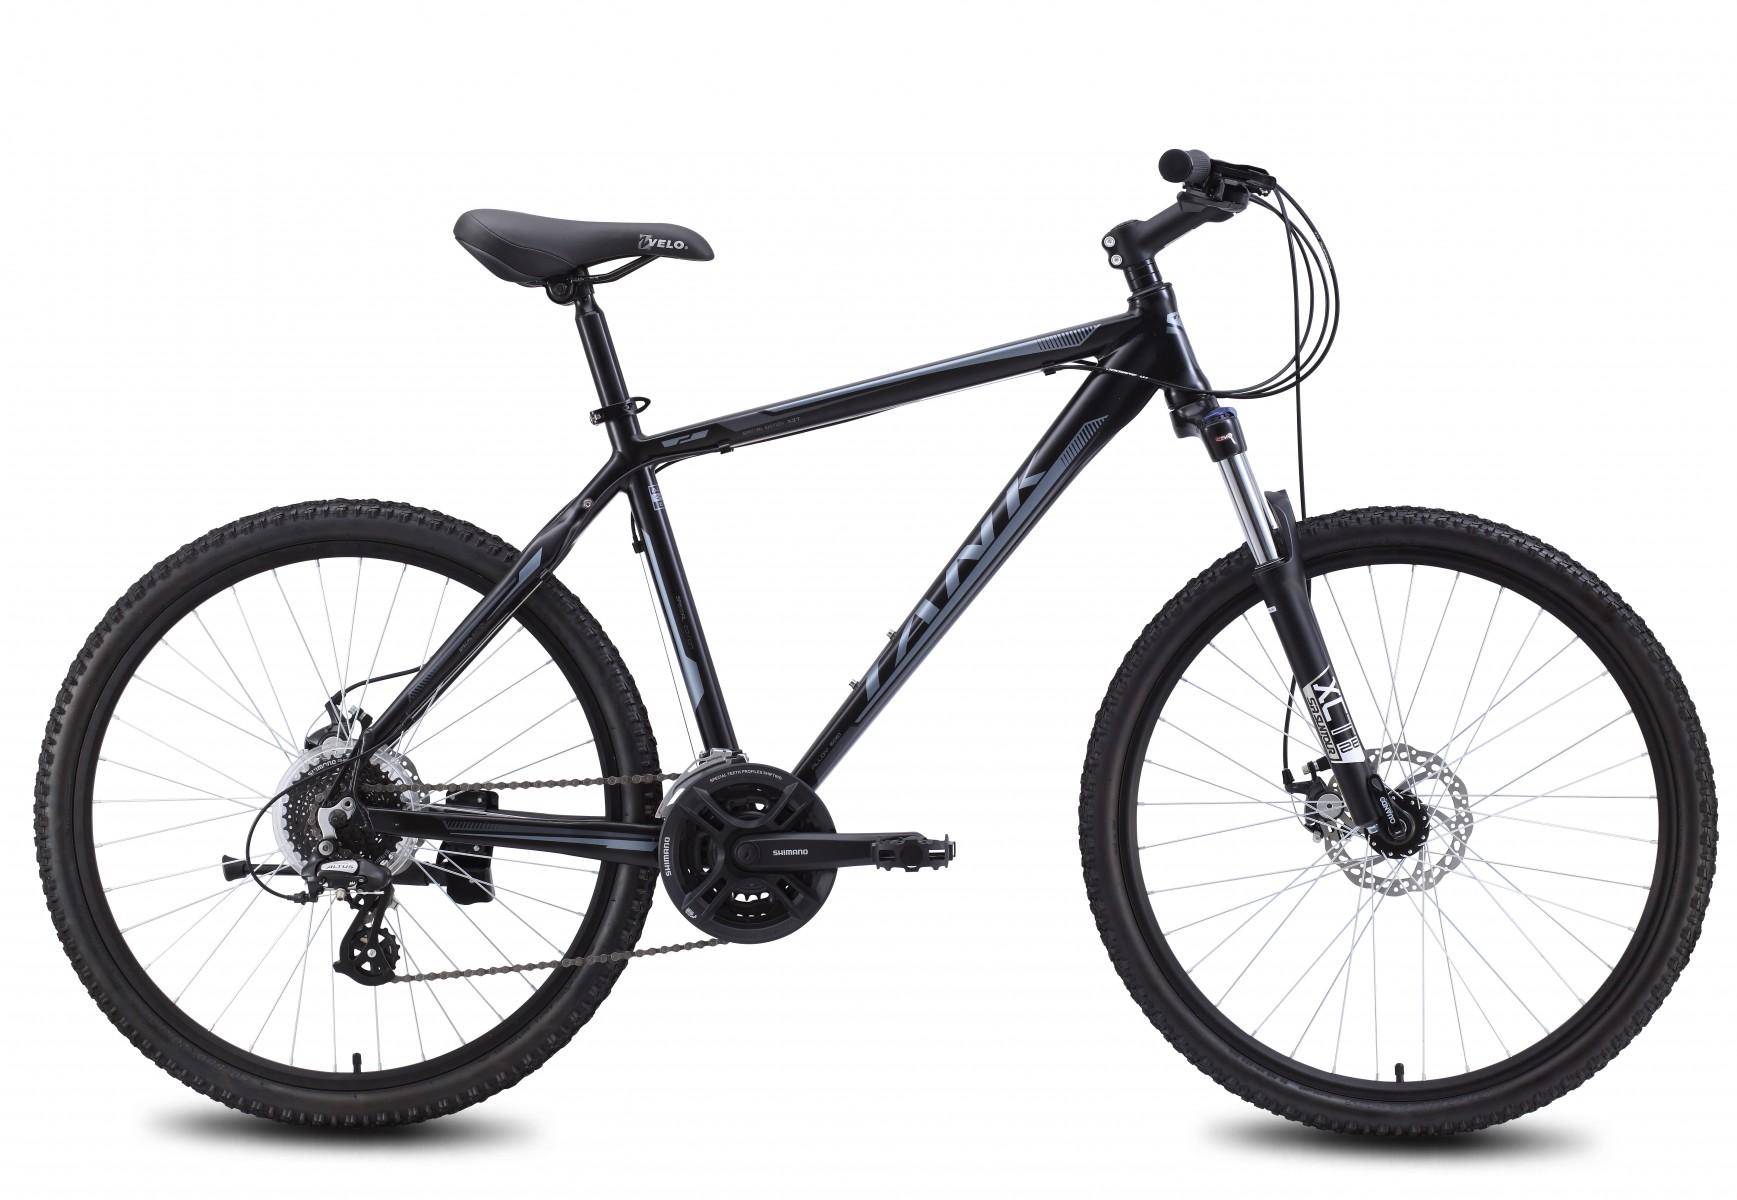 Купить горный велосипед бу лучшего качества недорого 514acda918608